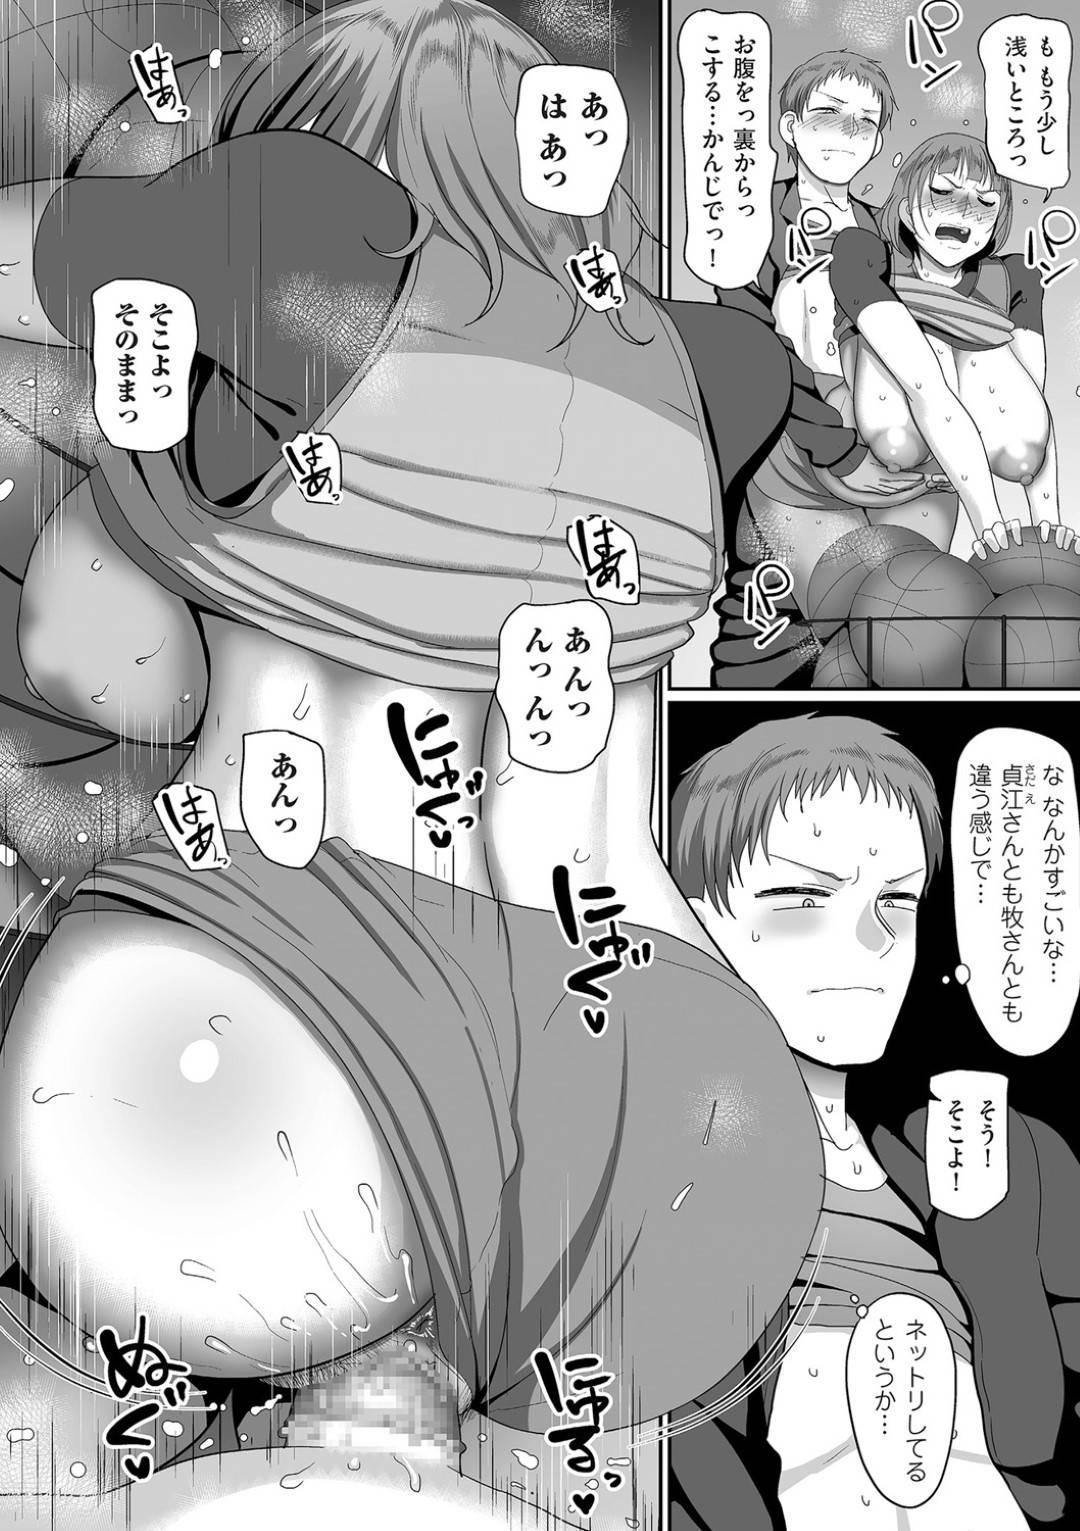 【エロ漫画】部員のお姉さんたちに拘束した男子を見せられコンドームを渡されたバレーサークルの人妻は逆レイプしてイキまくる【山本善々/S県K市社会人女子バレーボールサークルの事情3】